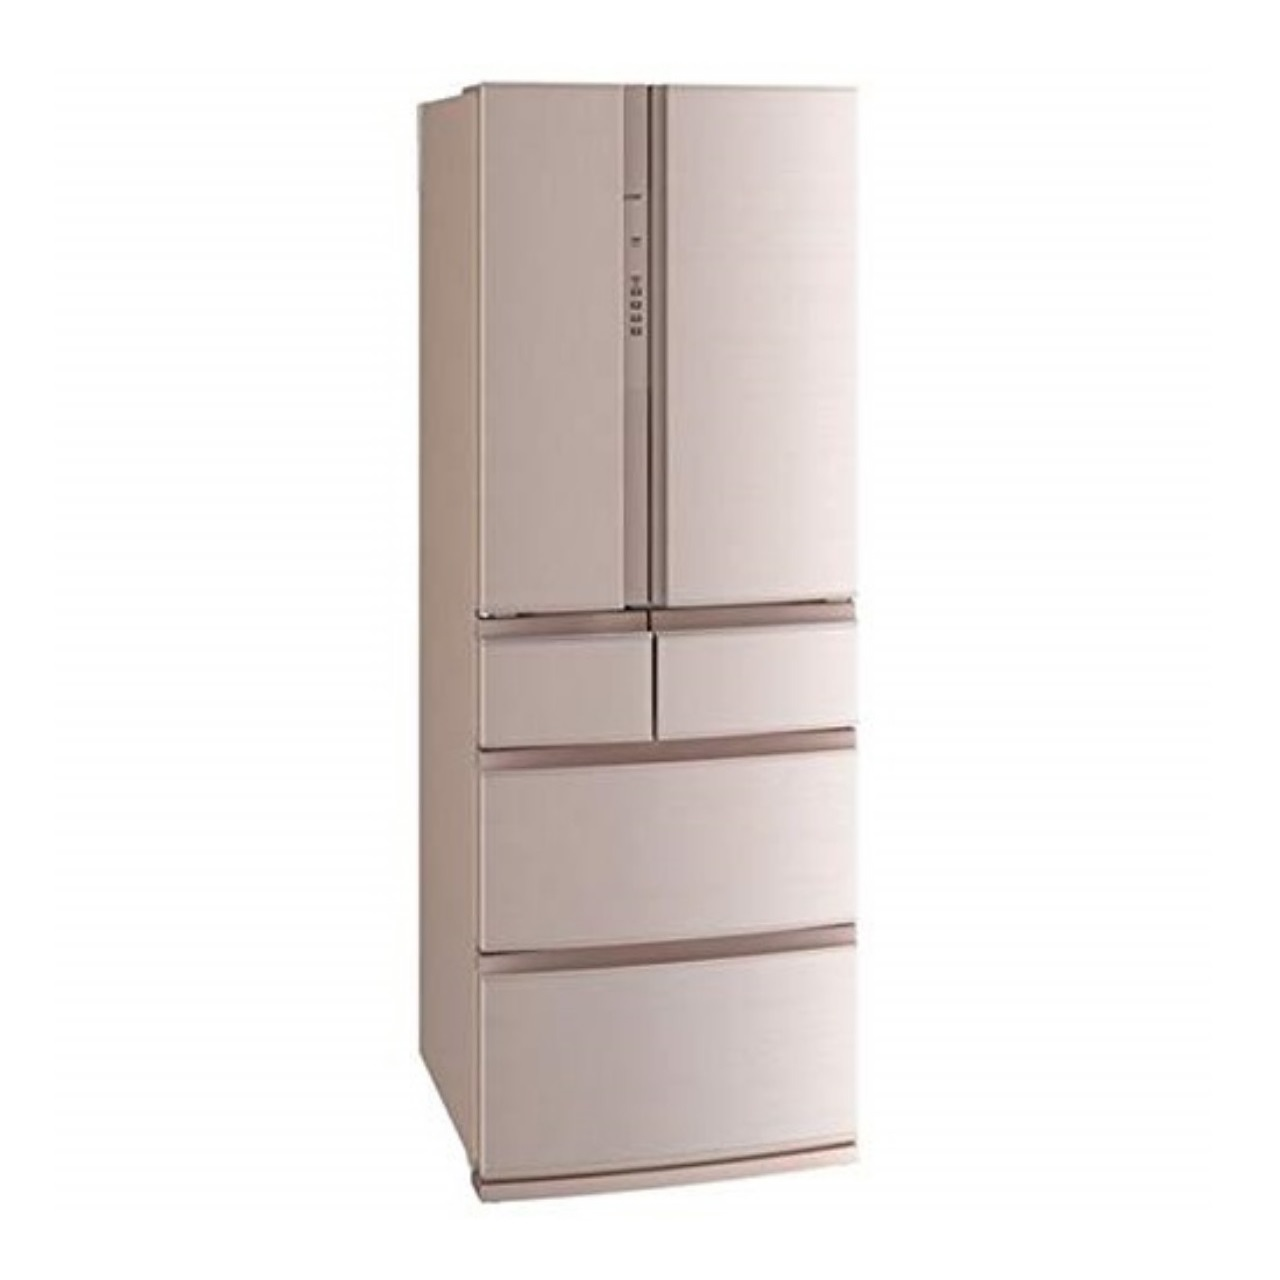 三菱 置けるスマート大容量RXシリーズMR-RX46E冷蔵庫